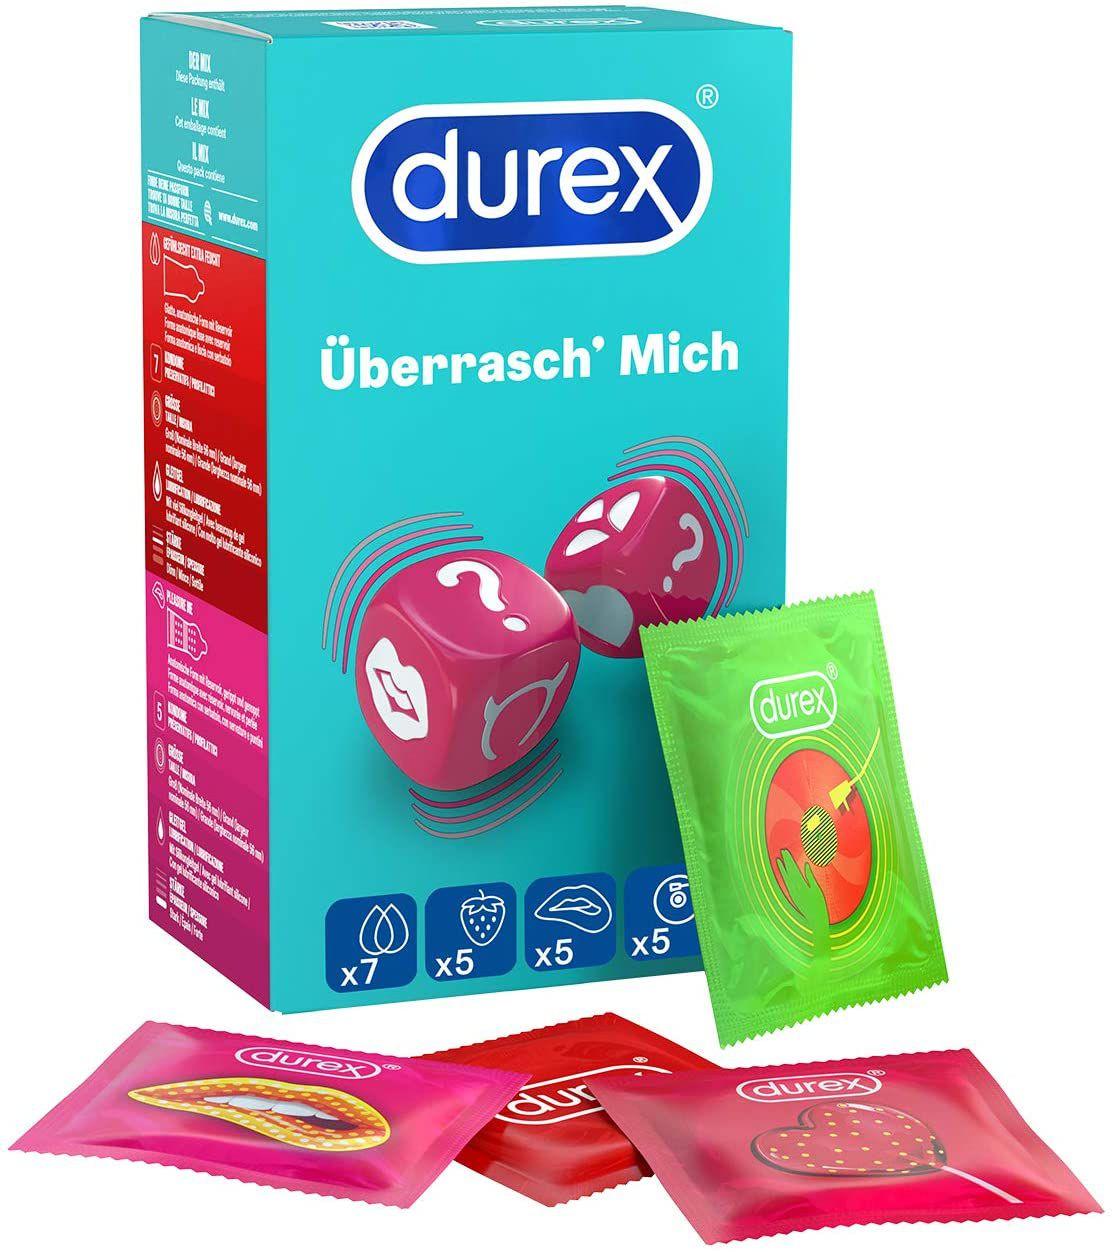 Durex Überrasch Mich Box mit 22 Kondomen für 9,59€ (statt 18€)